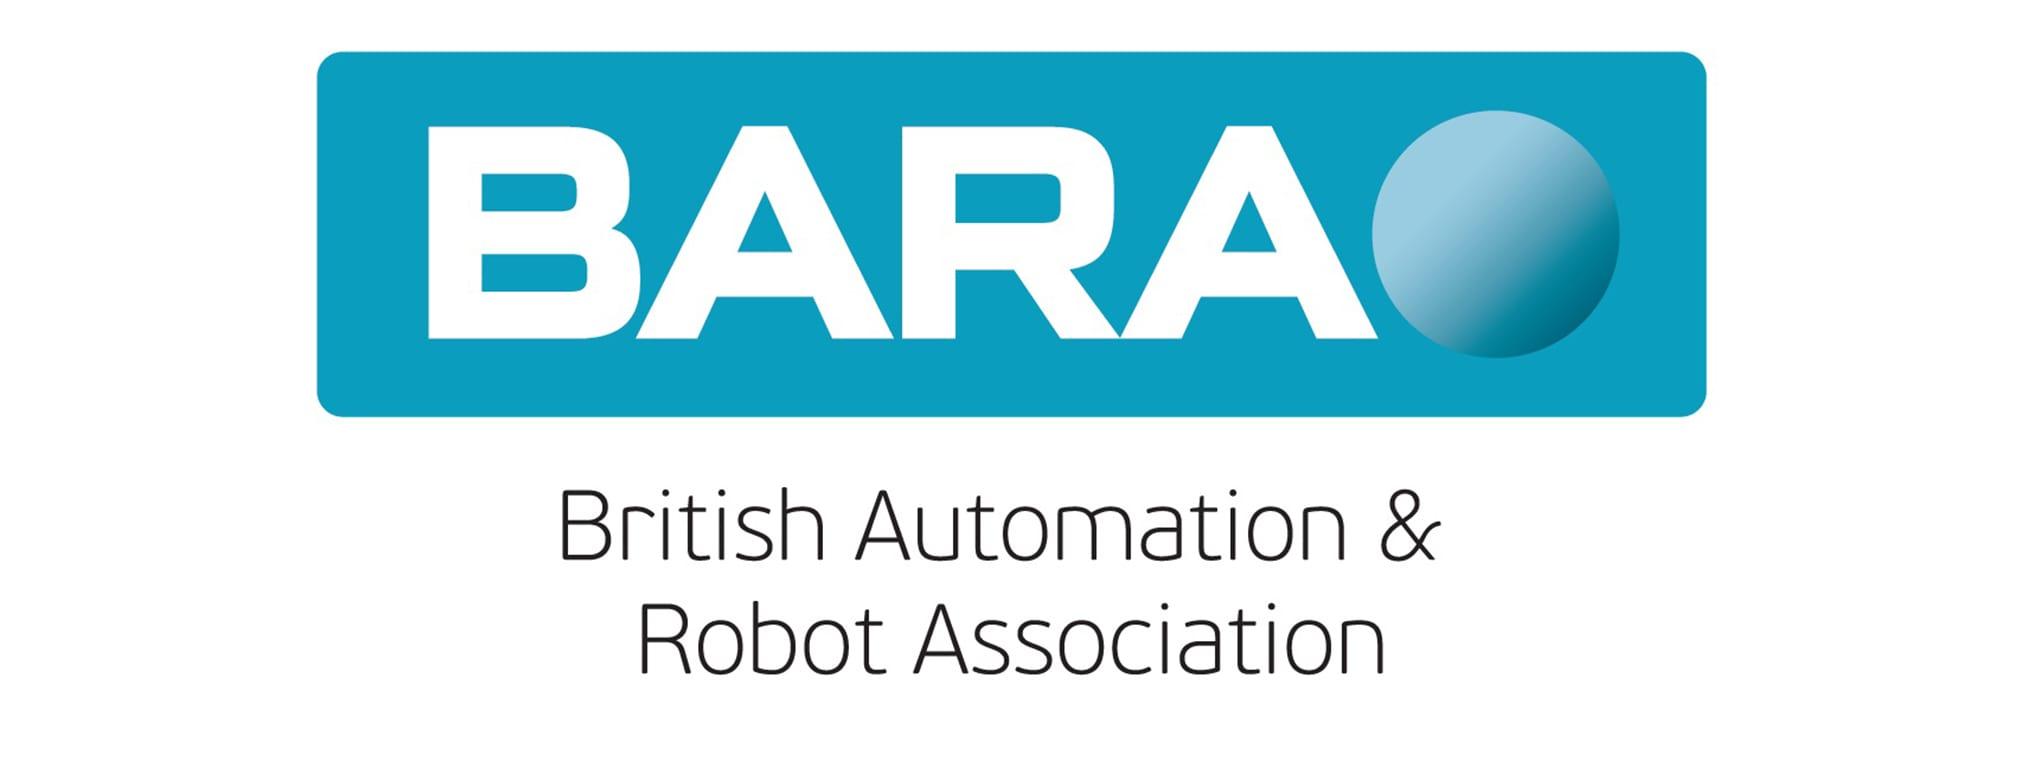 BARA-logo-2